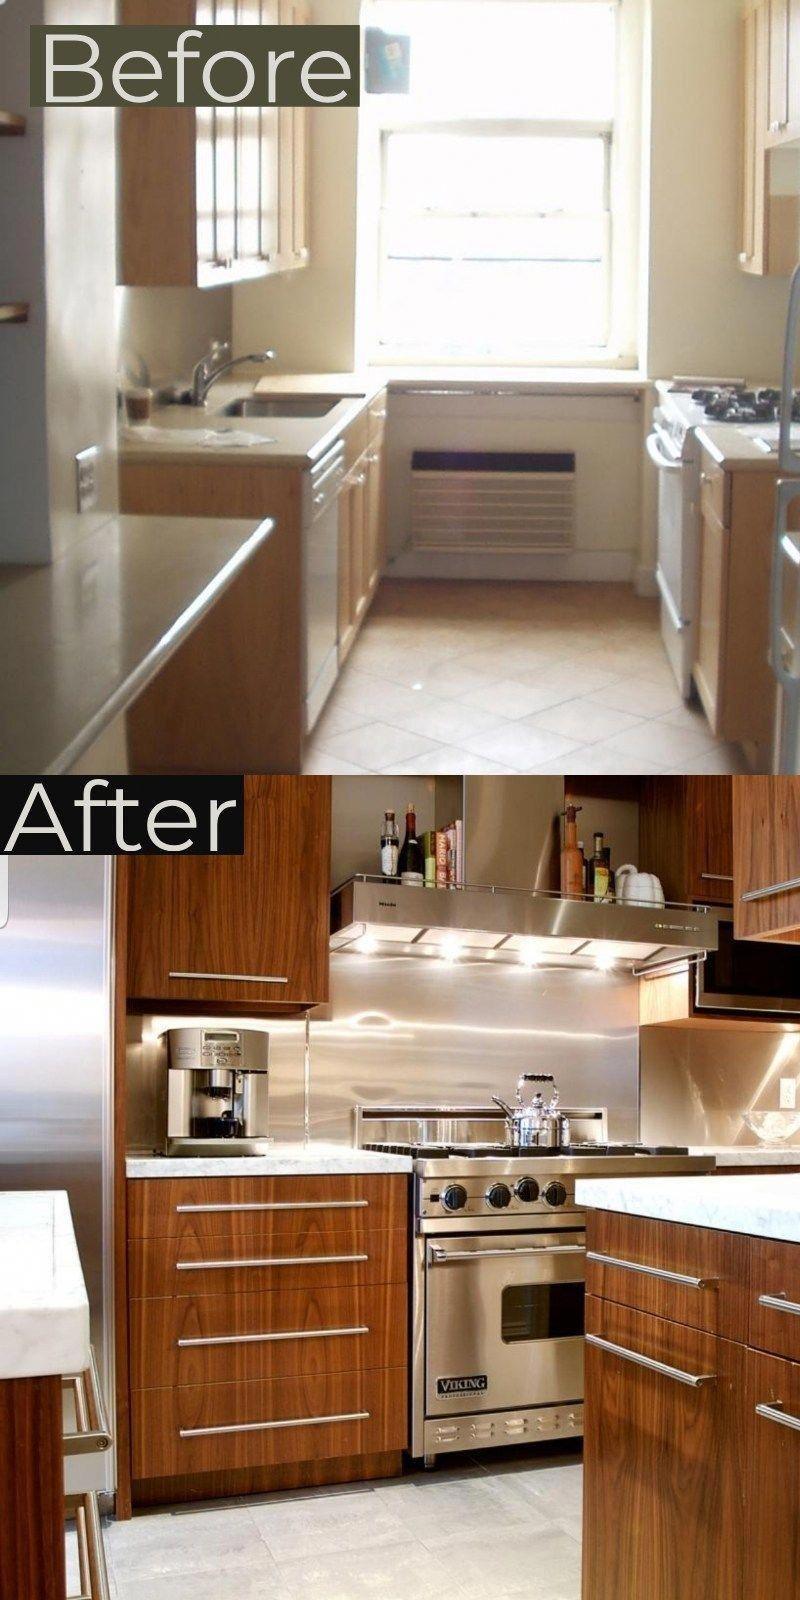 Smallkitchen Lovely Small Galley Kitchen Remodel On A Budget Layout Galley Kitchen Remod In 2020 Kitchen Remodel Small Galley Kitchen Renovation Galley Kitchen Design